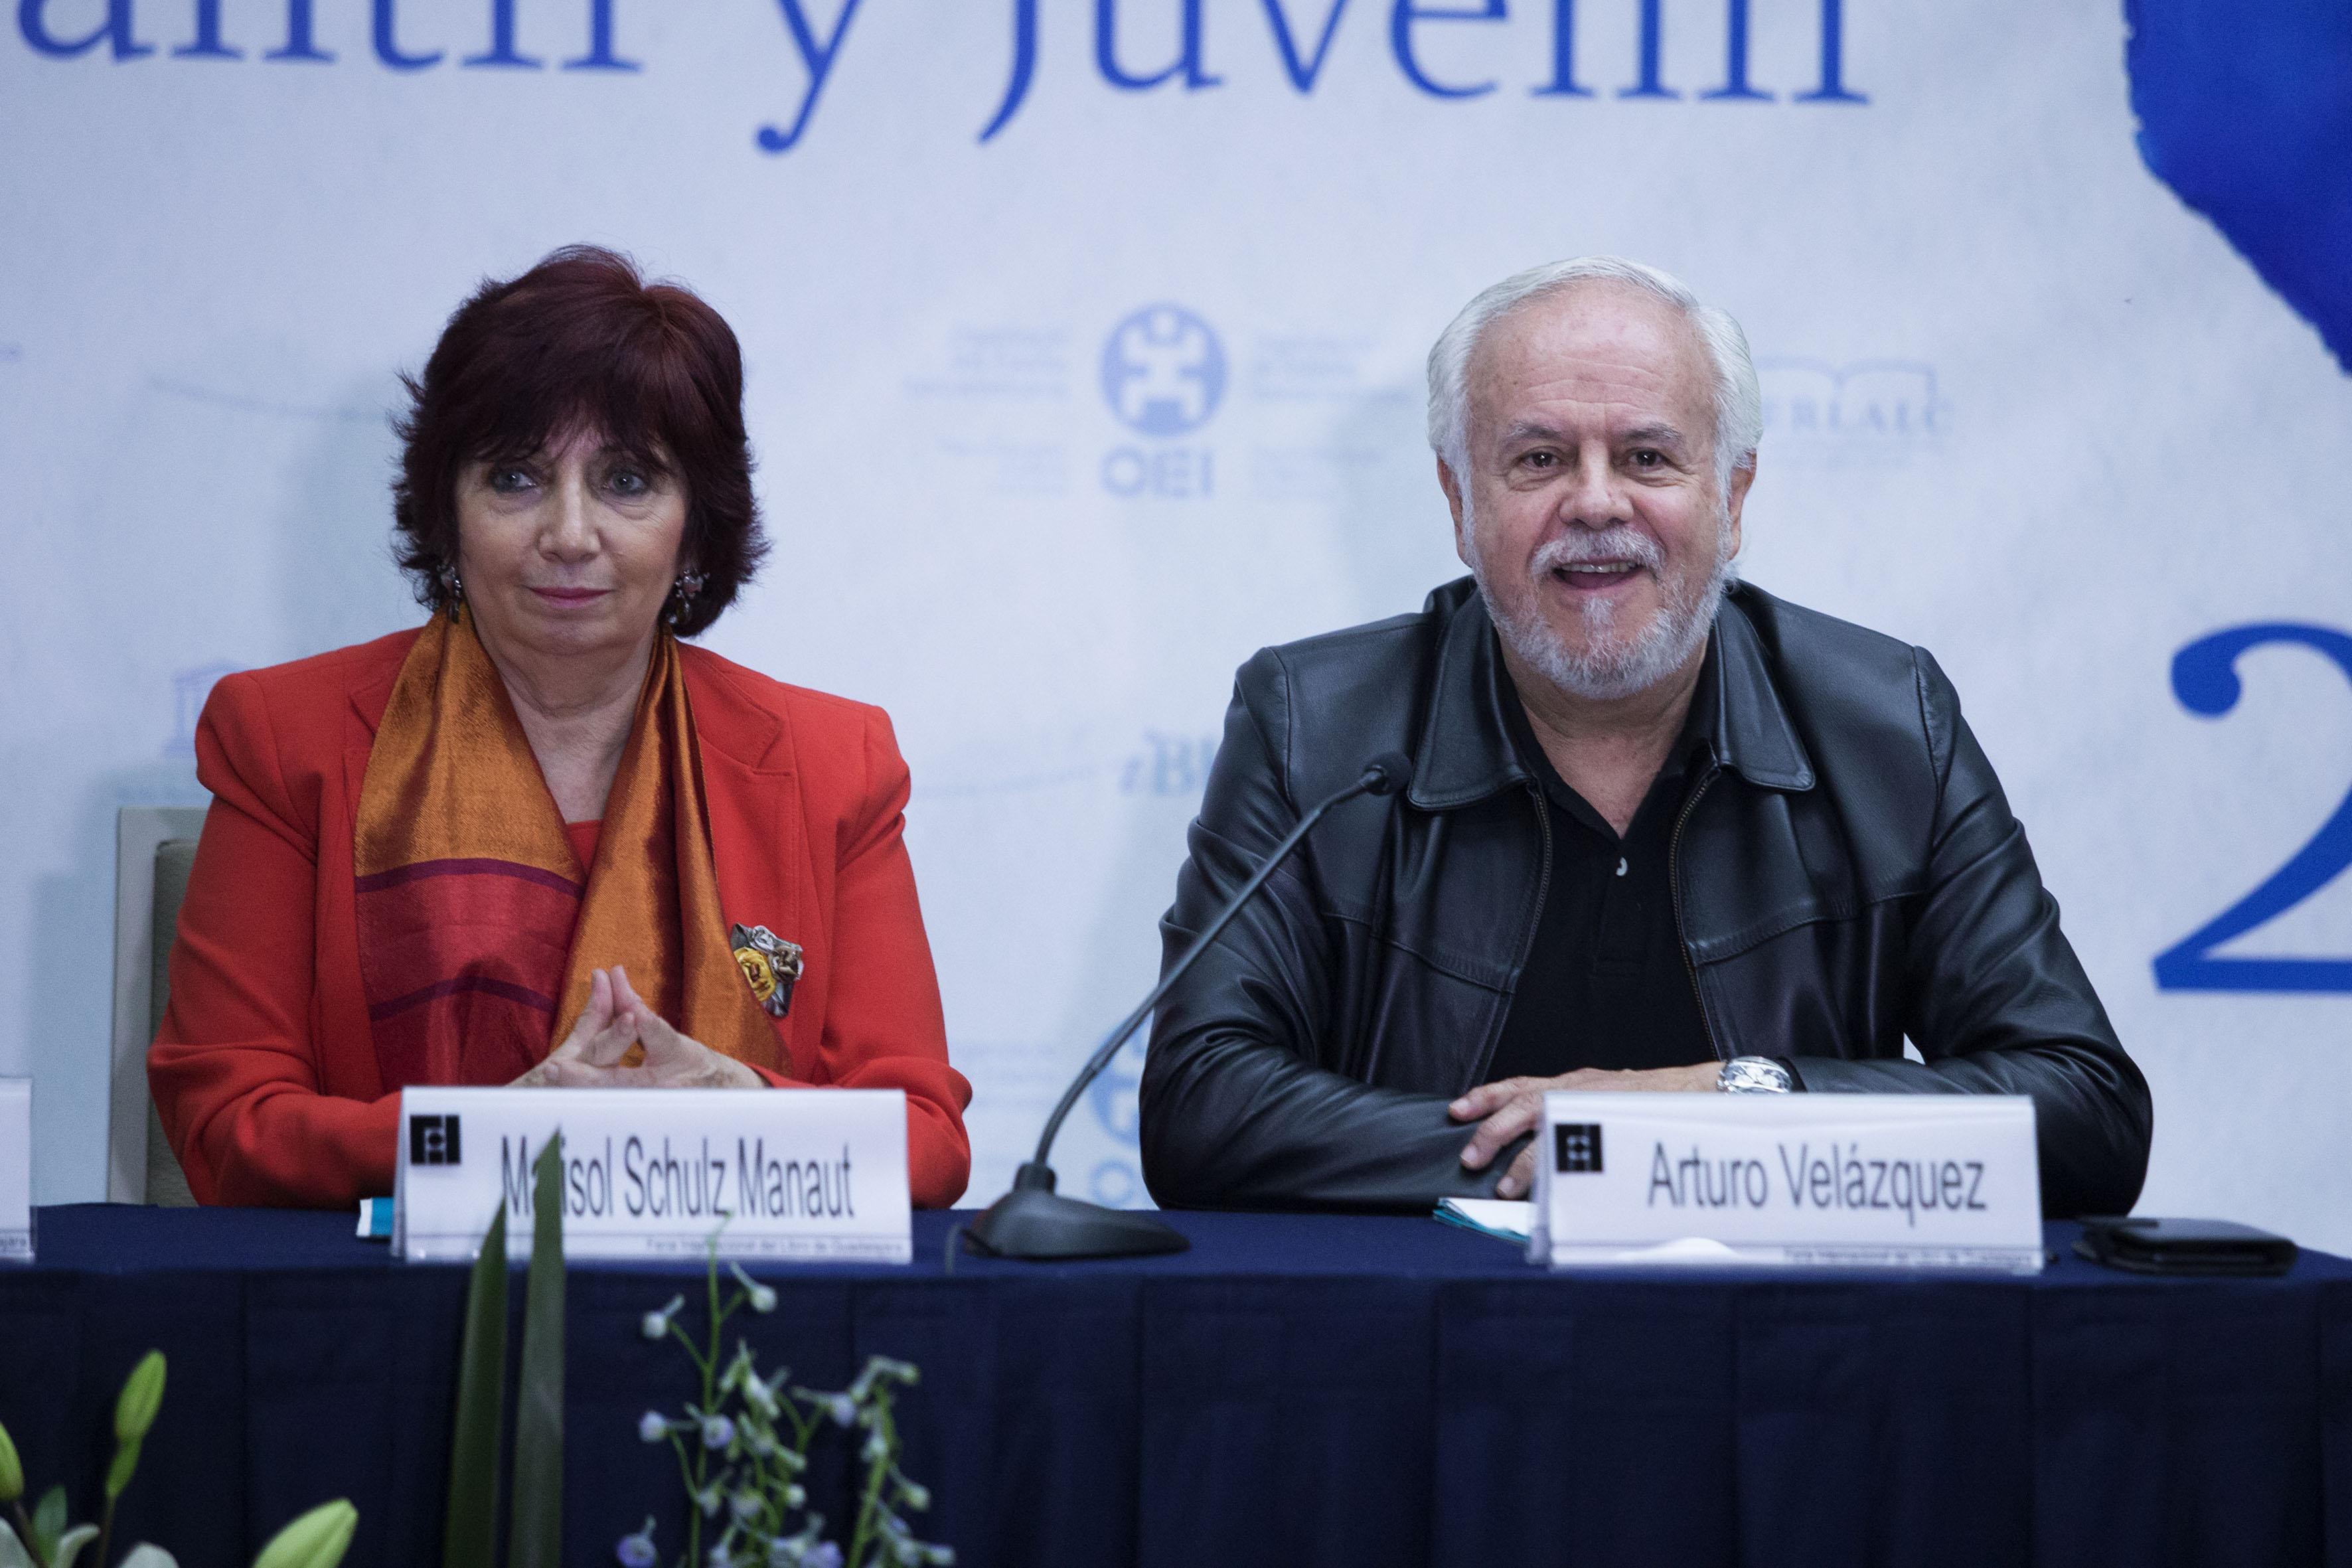 Marisol Schulz Manaut, Directora General de la FIL, a un lado de Arturo Velázquez Jiménez, Director y representante en México de la OEI.